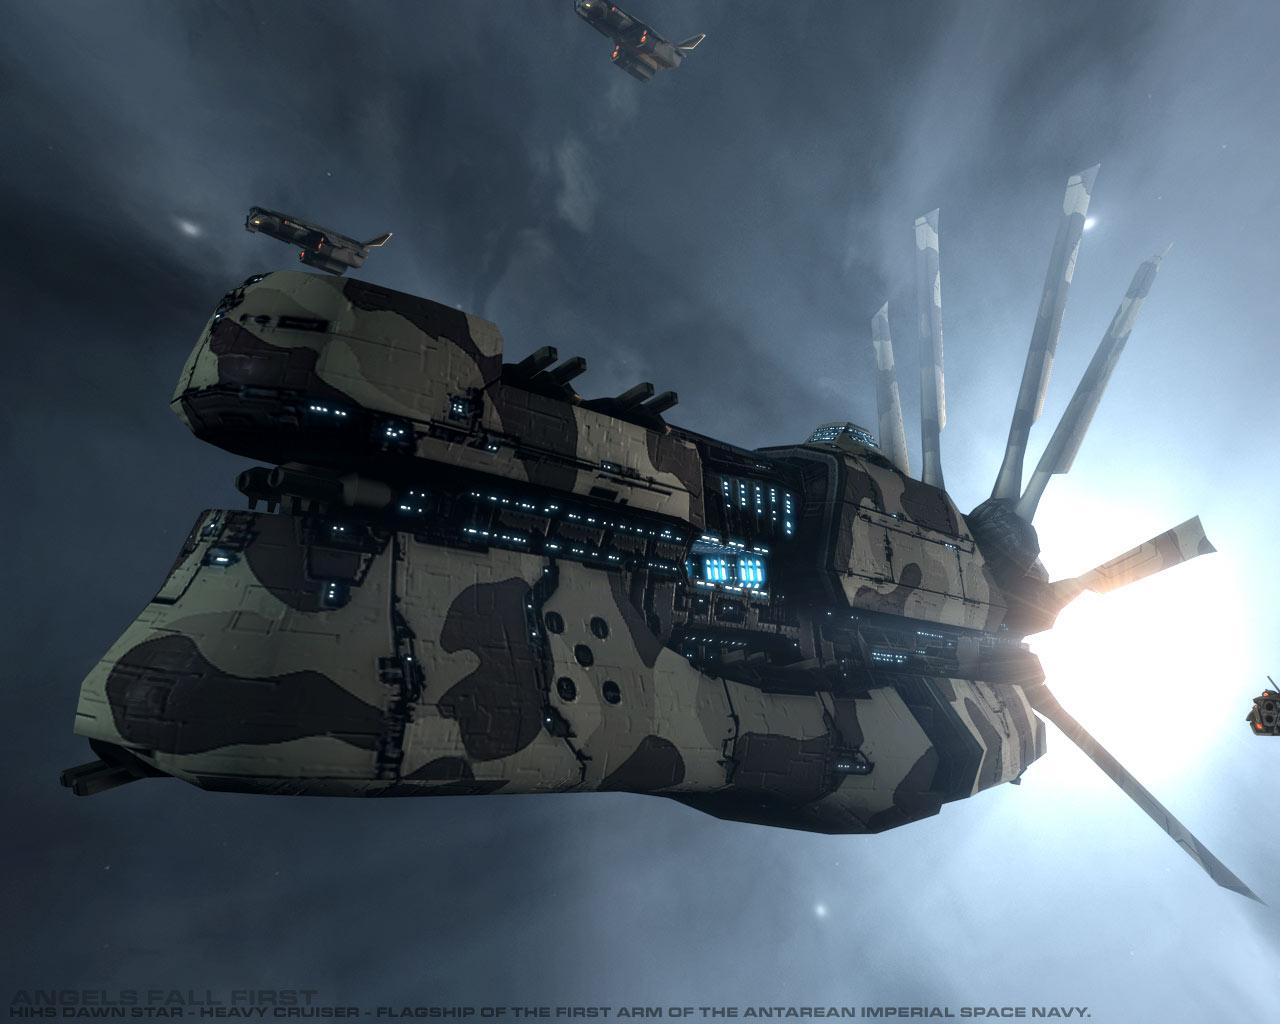 The Dawnstar render2 by strangelet